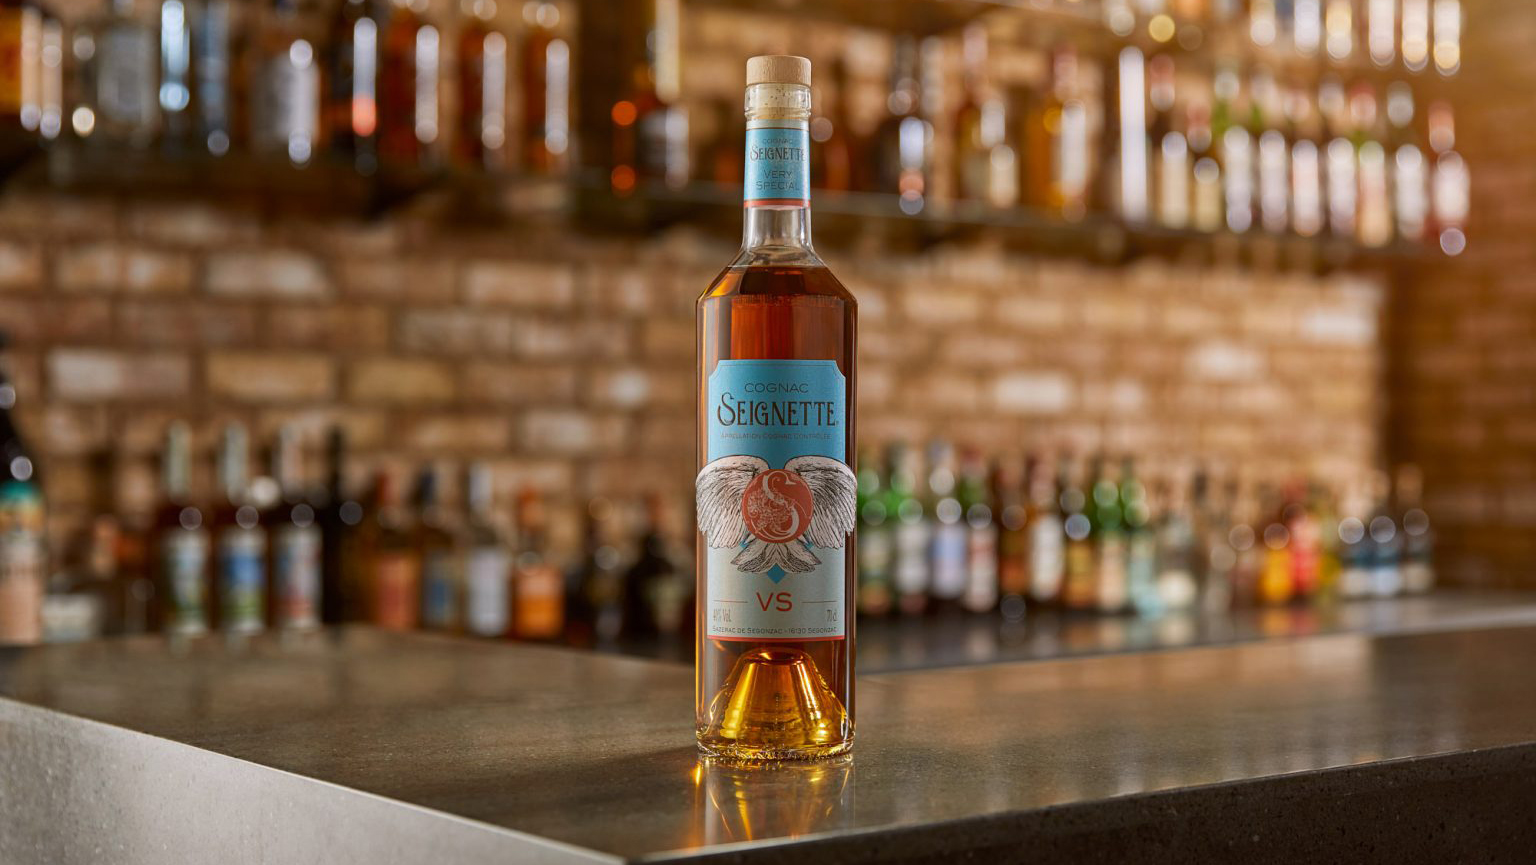 Seignette VS Cognac